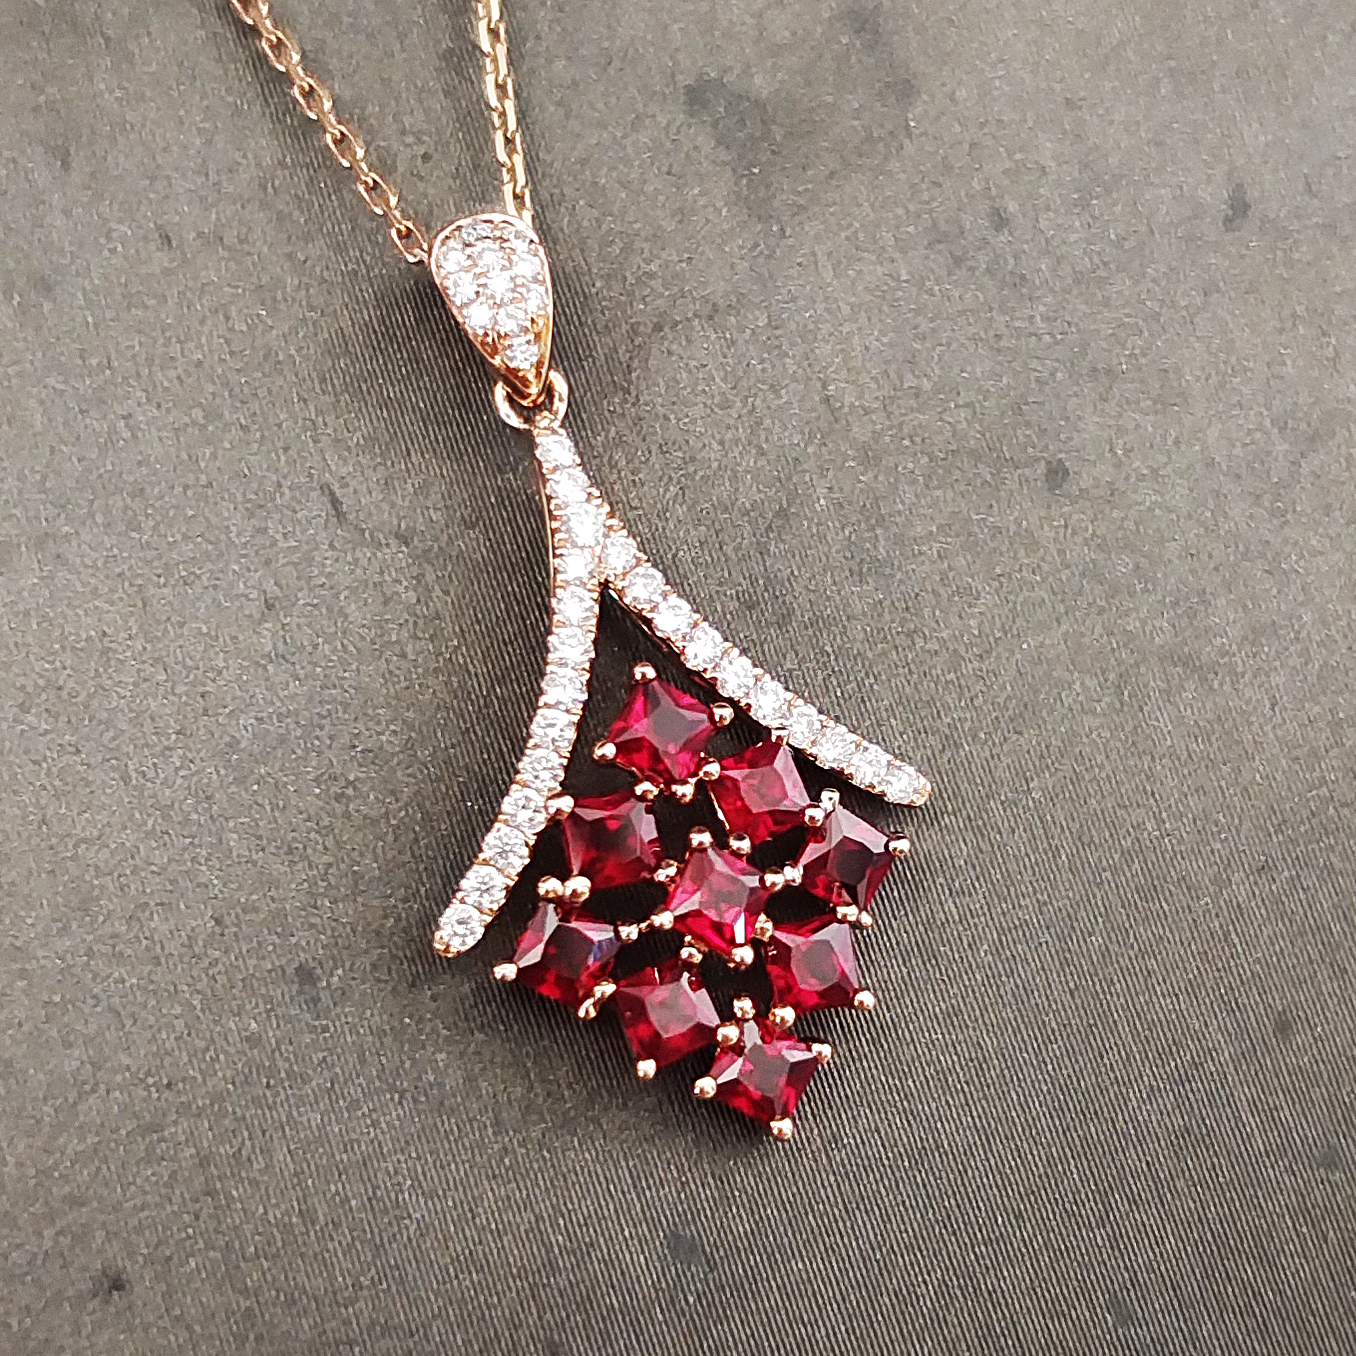 【吊坠】18K金+红宝石+钻石 宝石颜色纯正 主石:0.82ct/9P 货重:1.30g 活动期间签